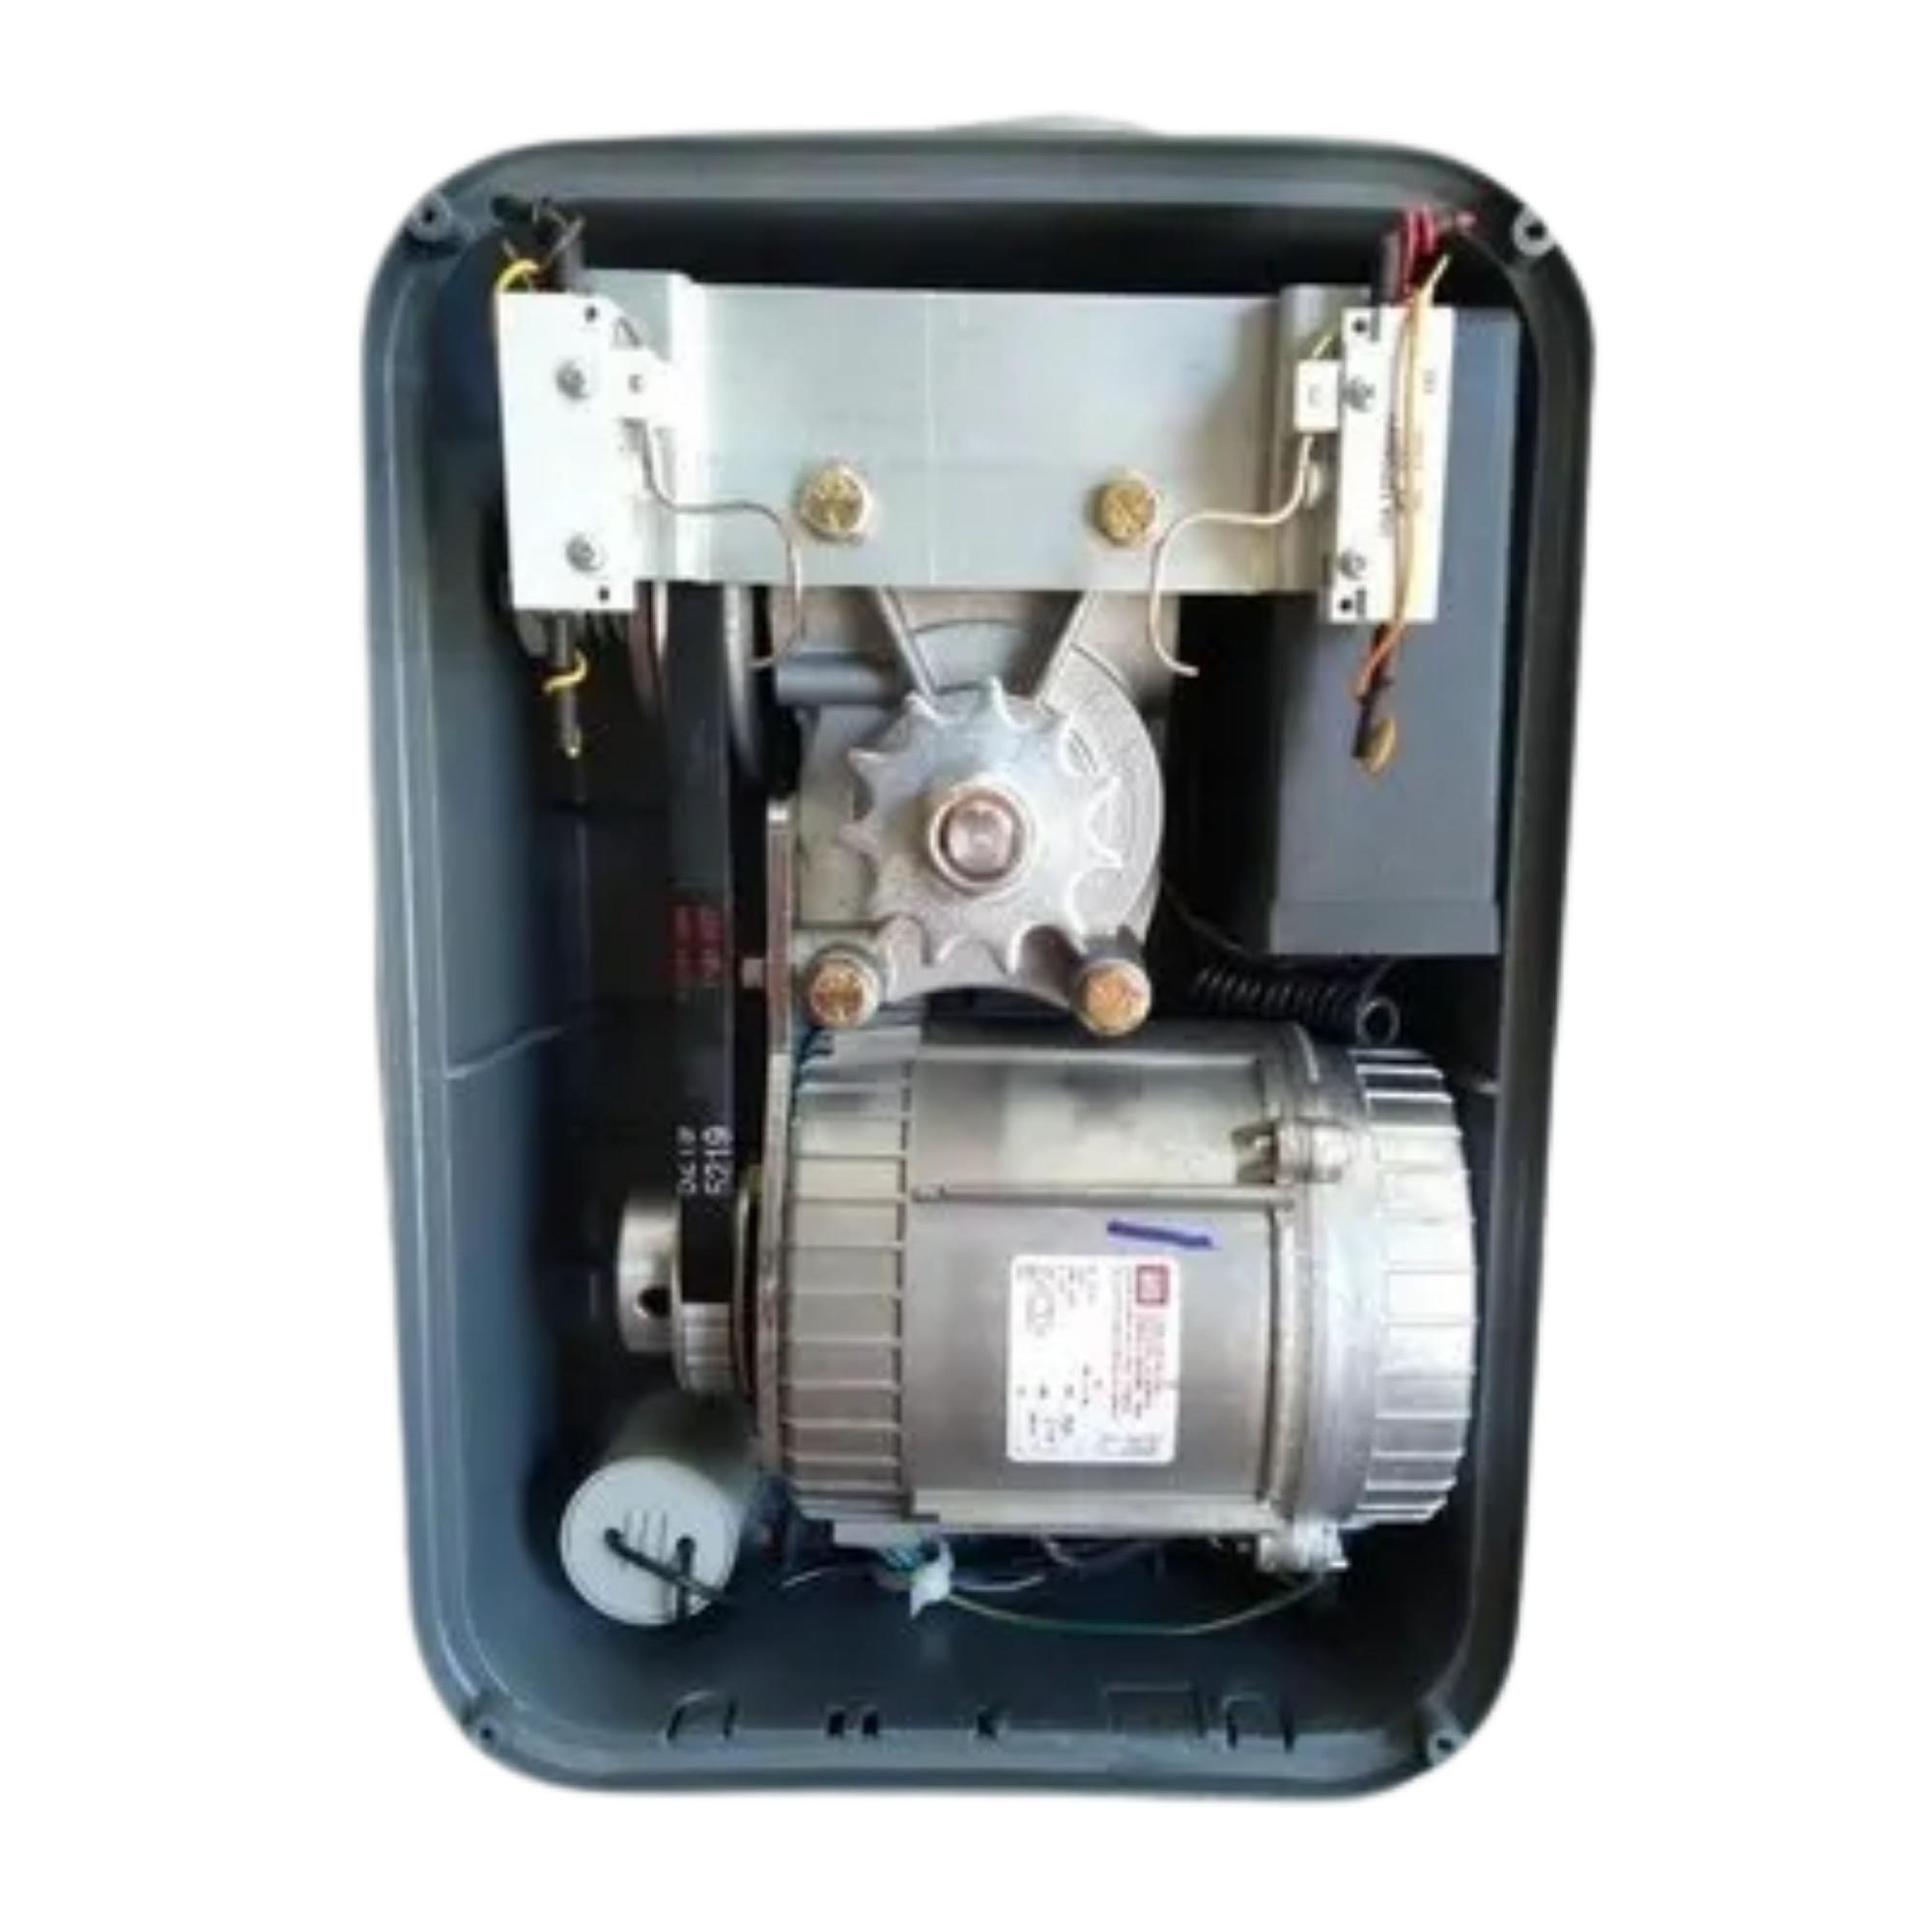 Motor de Portão Basculante Movimento Bm12 1/4cv 299MHz